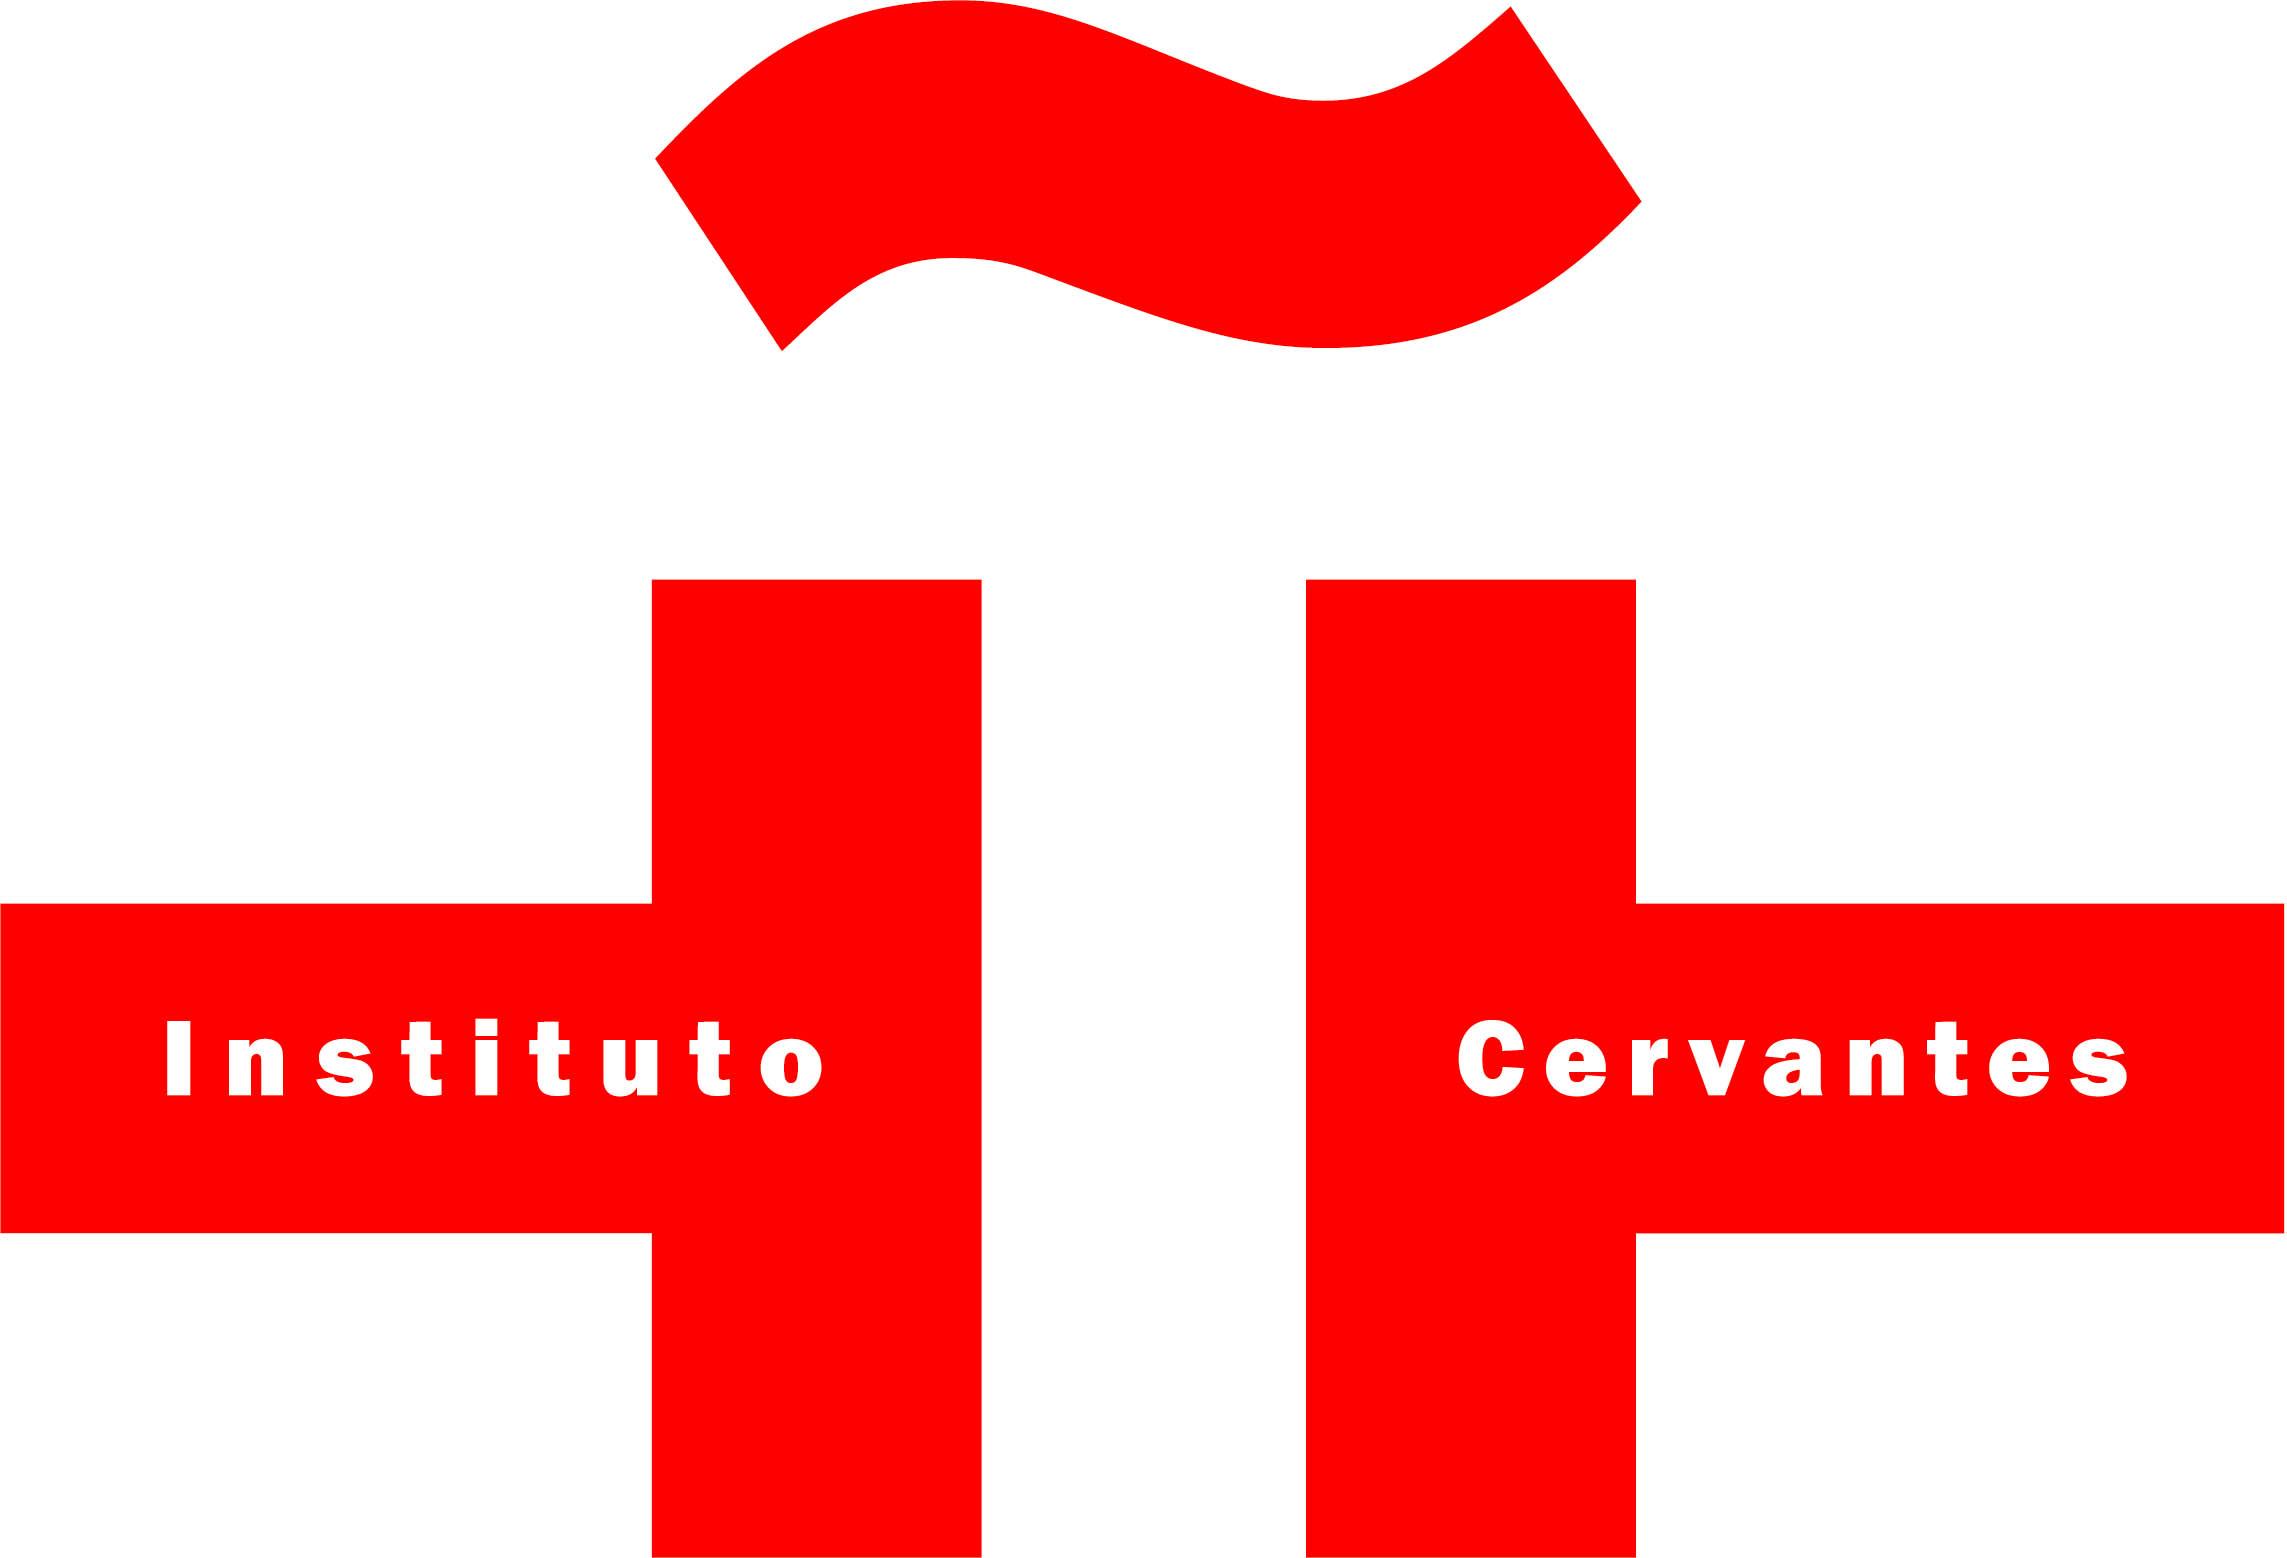 Instituto cervantes dublin courses